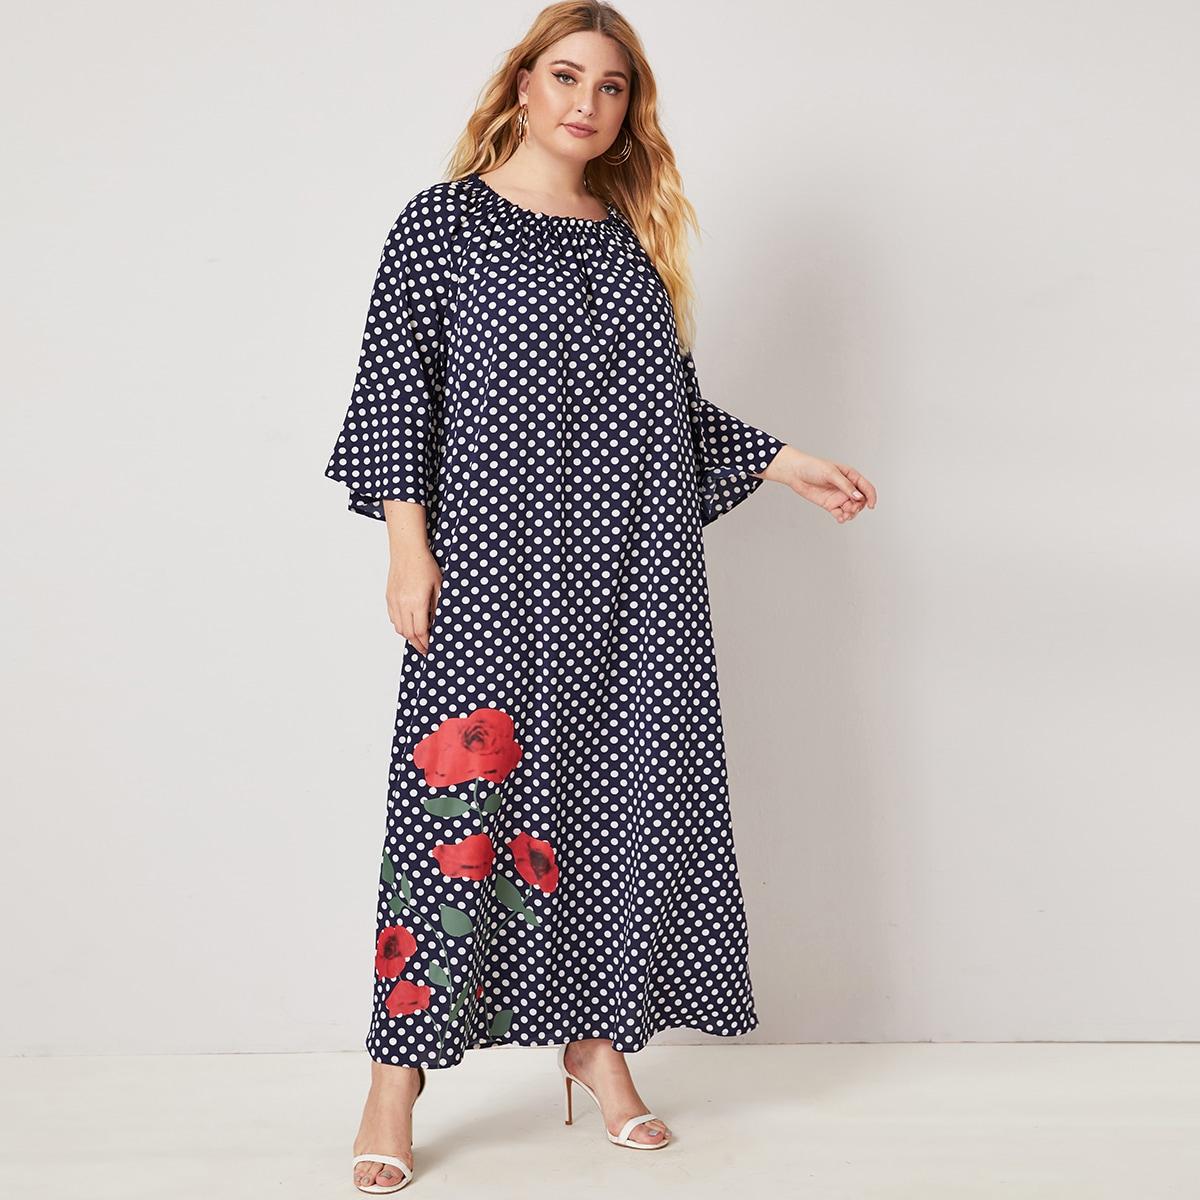 Цветочное платье размера плюс в горошек с рукавом реглан